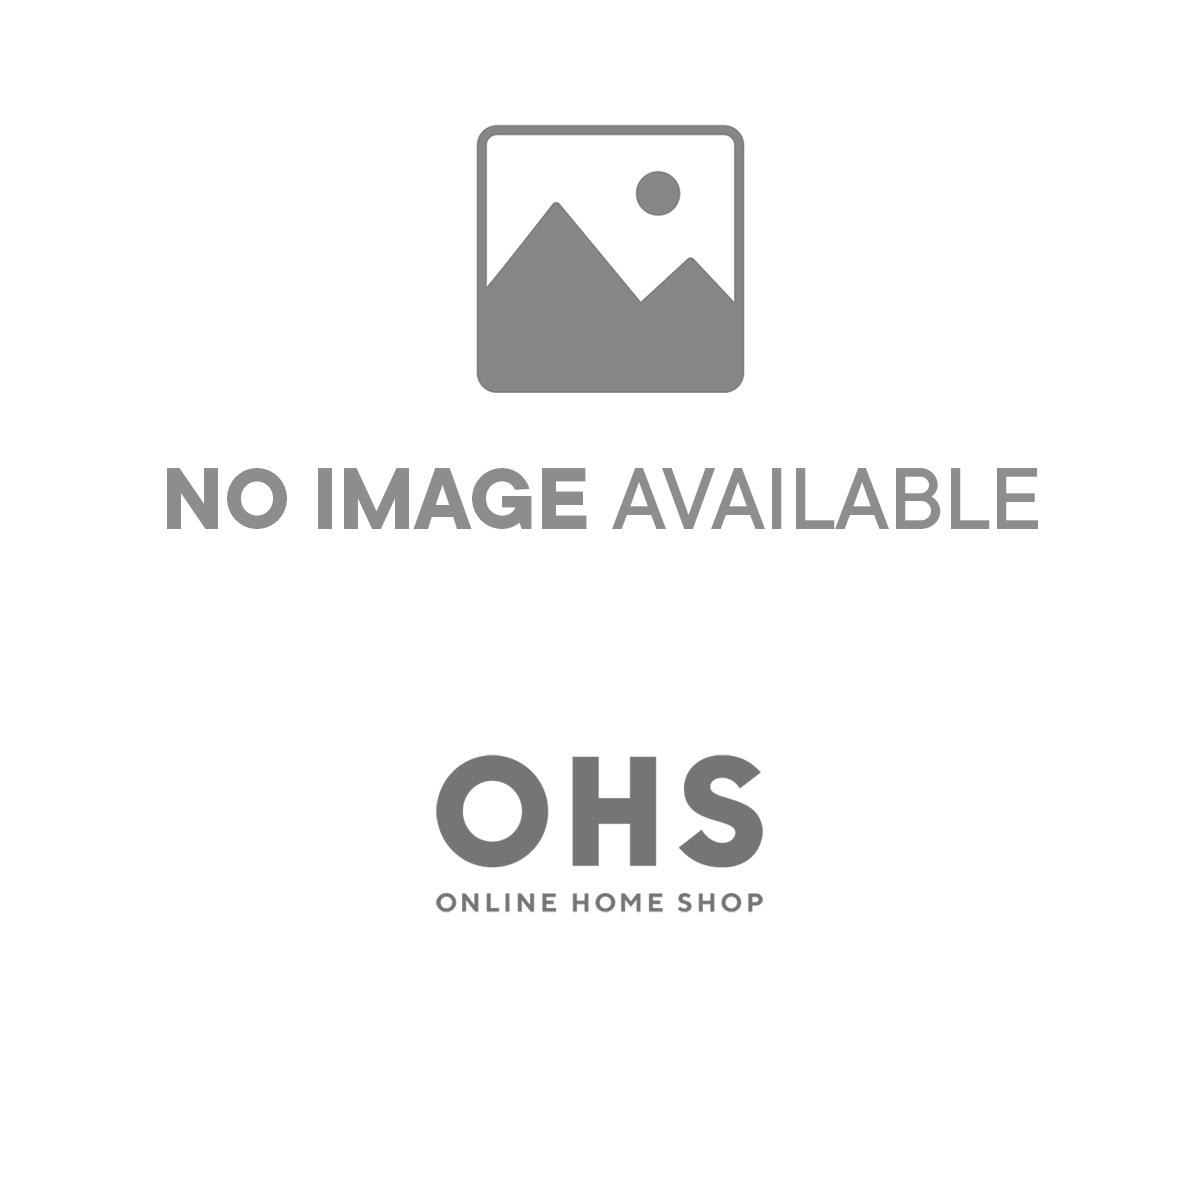 Brentfords Washed Linen Duvet Cover Set - Teal